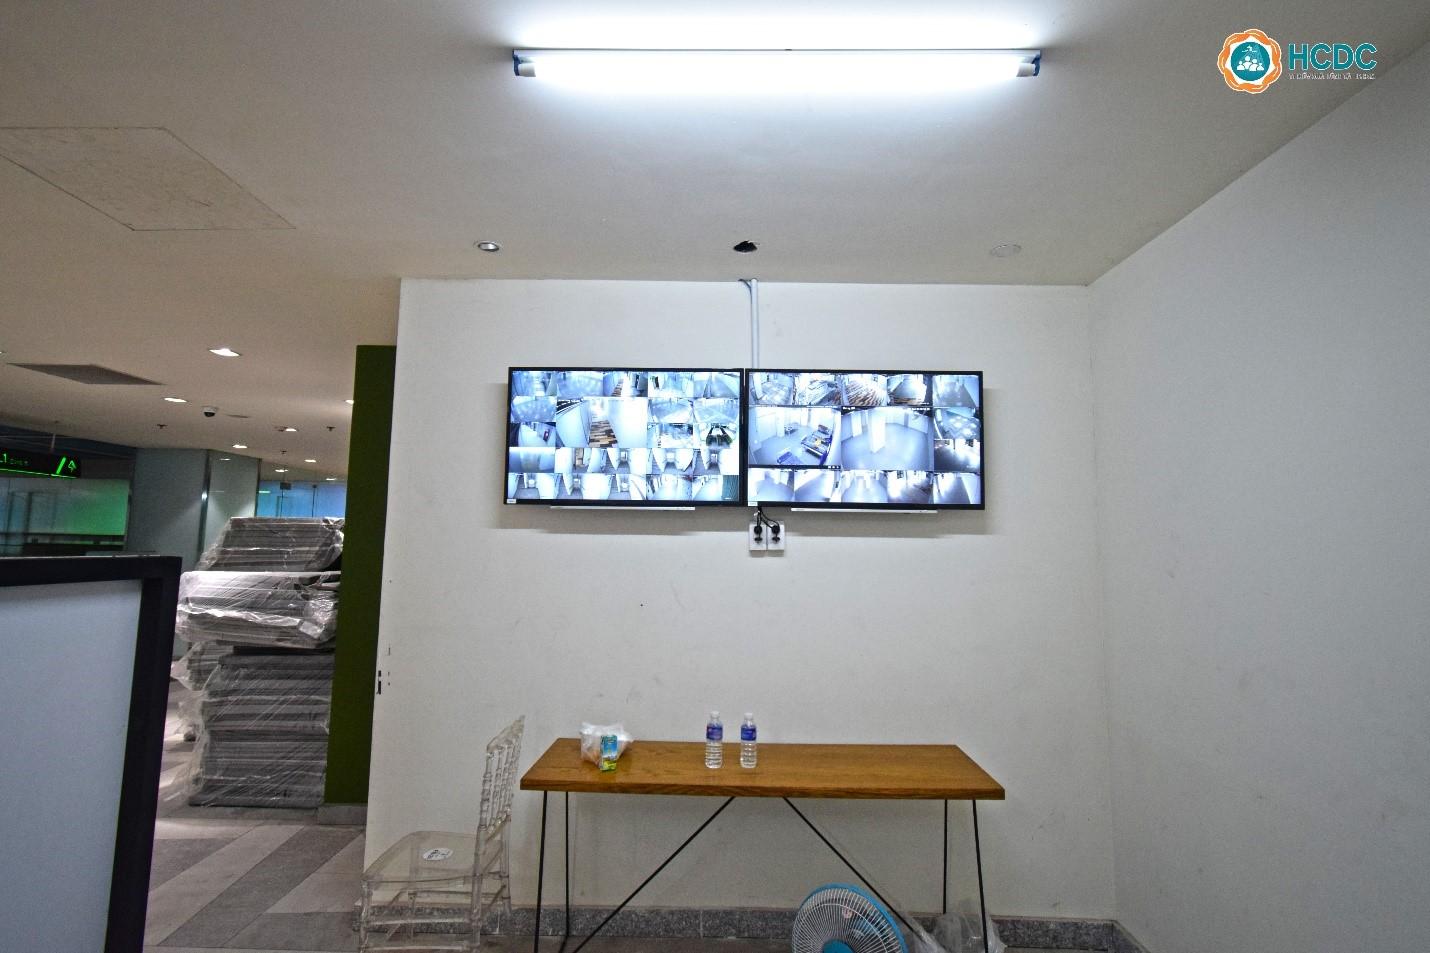 Hệ thống camera được lắp đặt hầu hết khu vực trong bệnh viện dã chiến số 5. Ảnh: HCDC